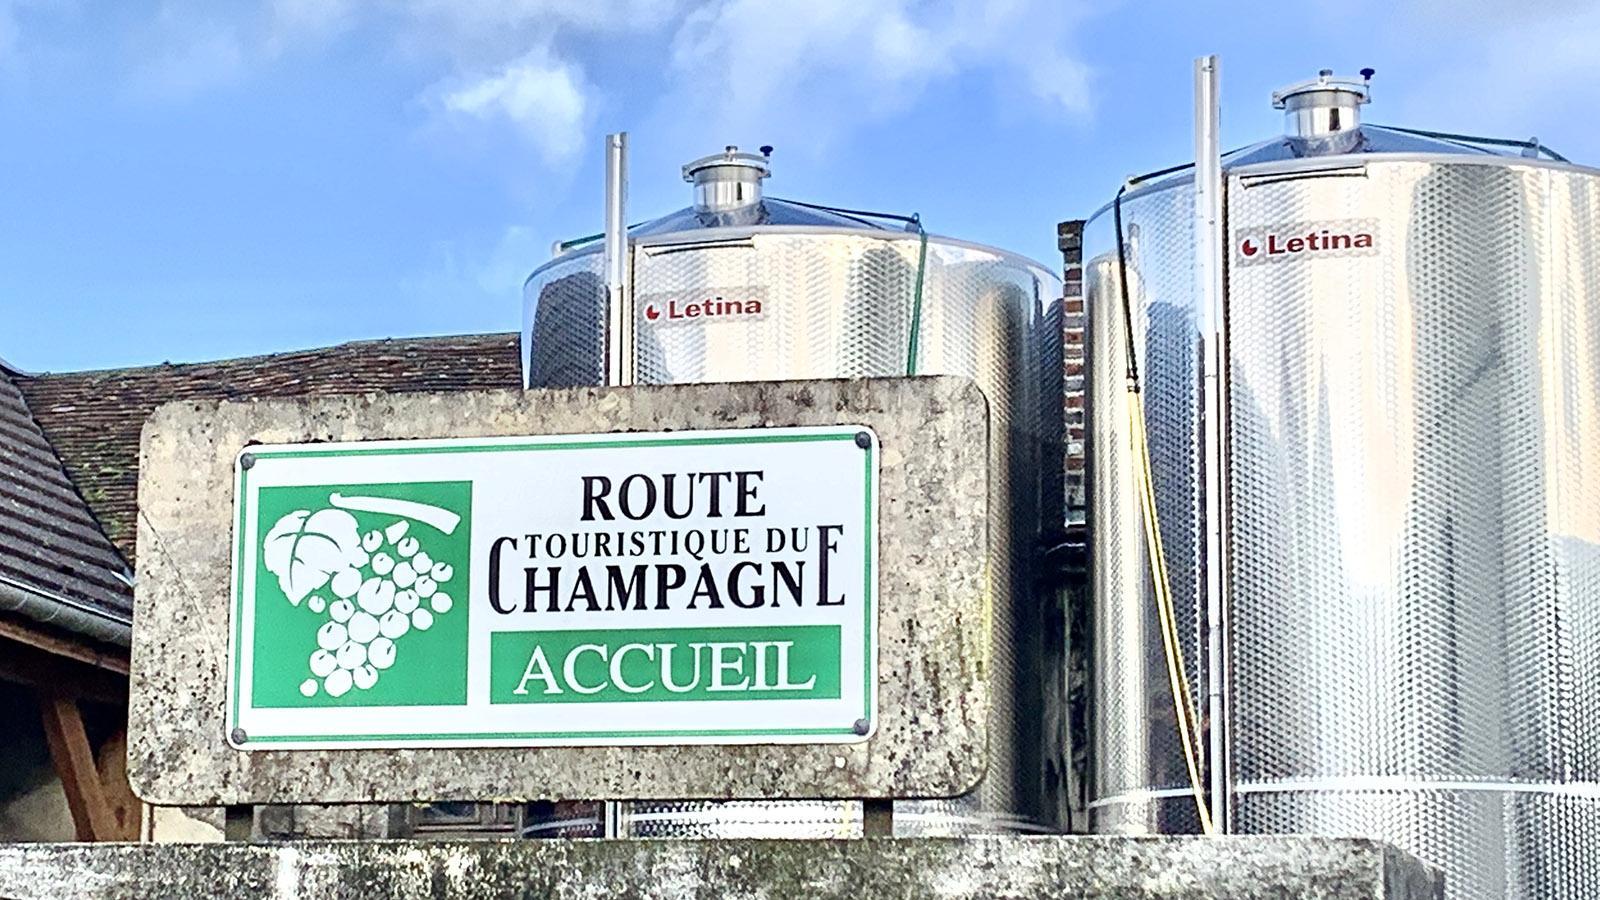 Côte des Bars: Schilder verraten, welche Champagnerhäuser an der Route du Champagne Gäste willkommen heißen. Foto: Hilke Maunder